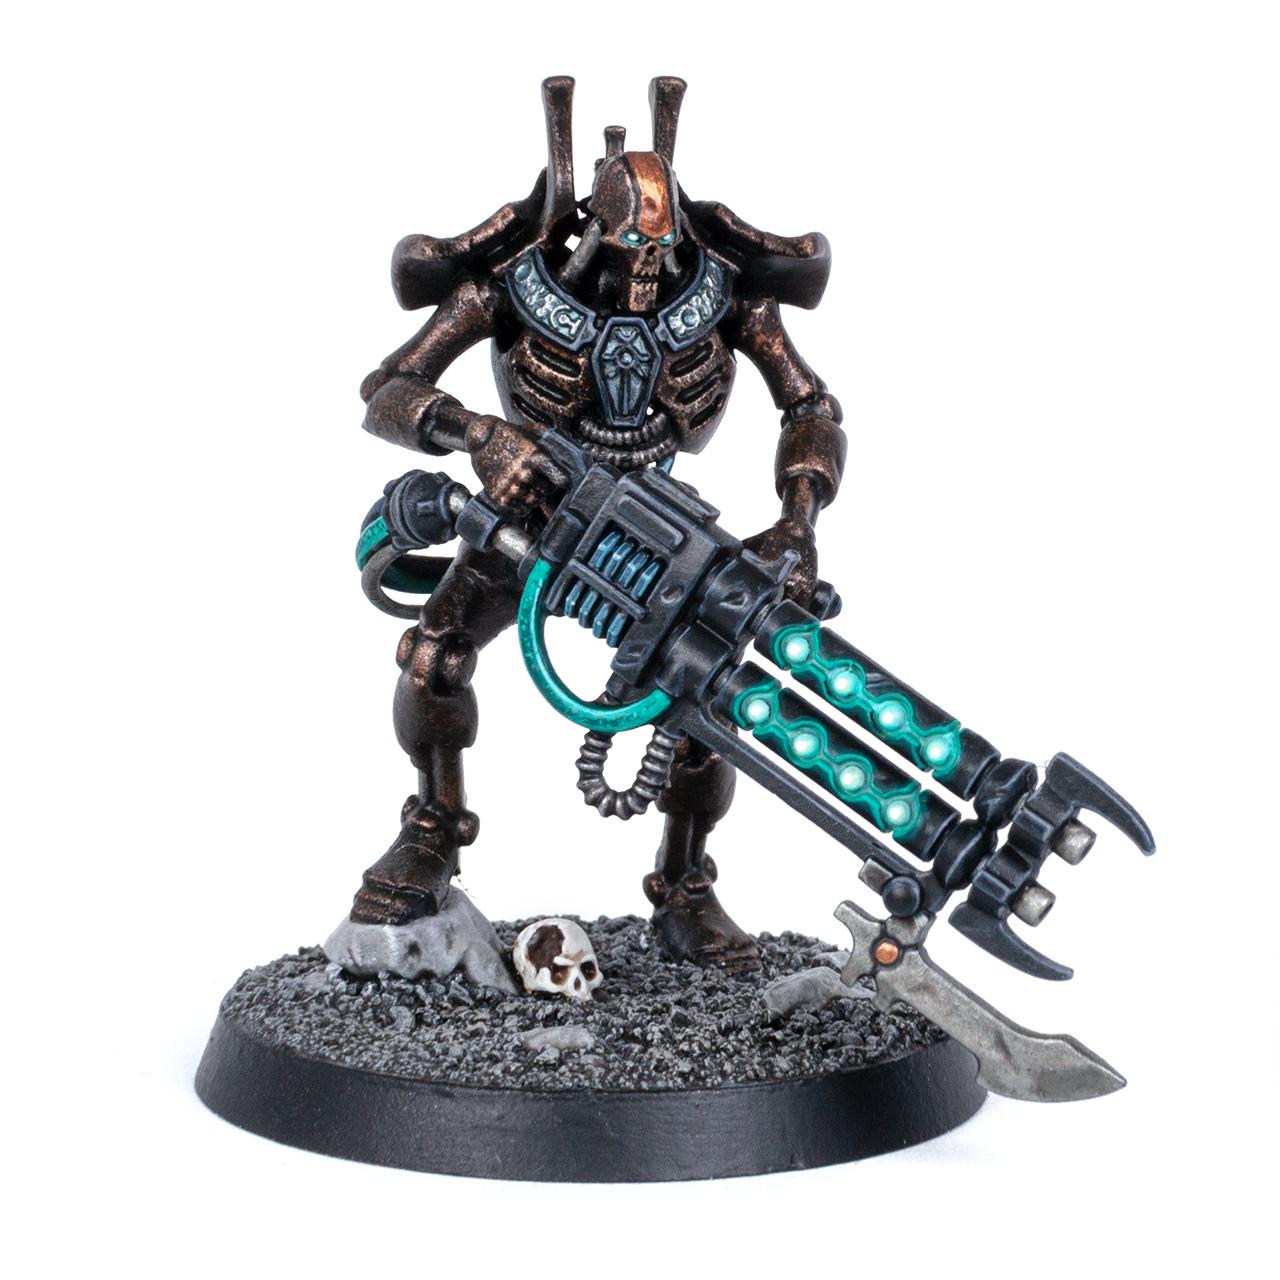 Necron Royal Guard in a dark brass paint scheme